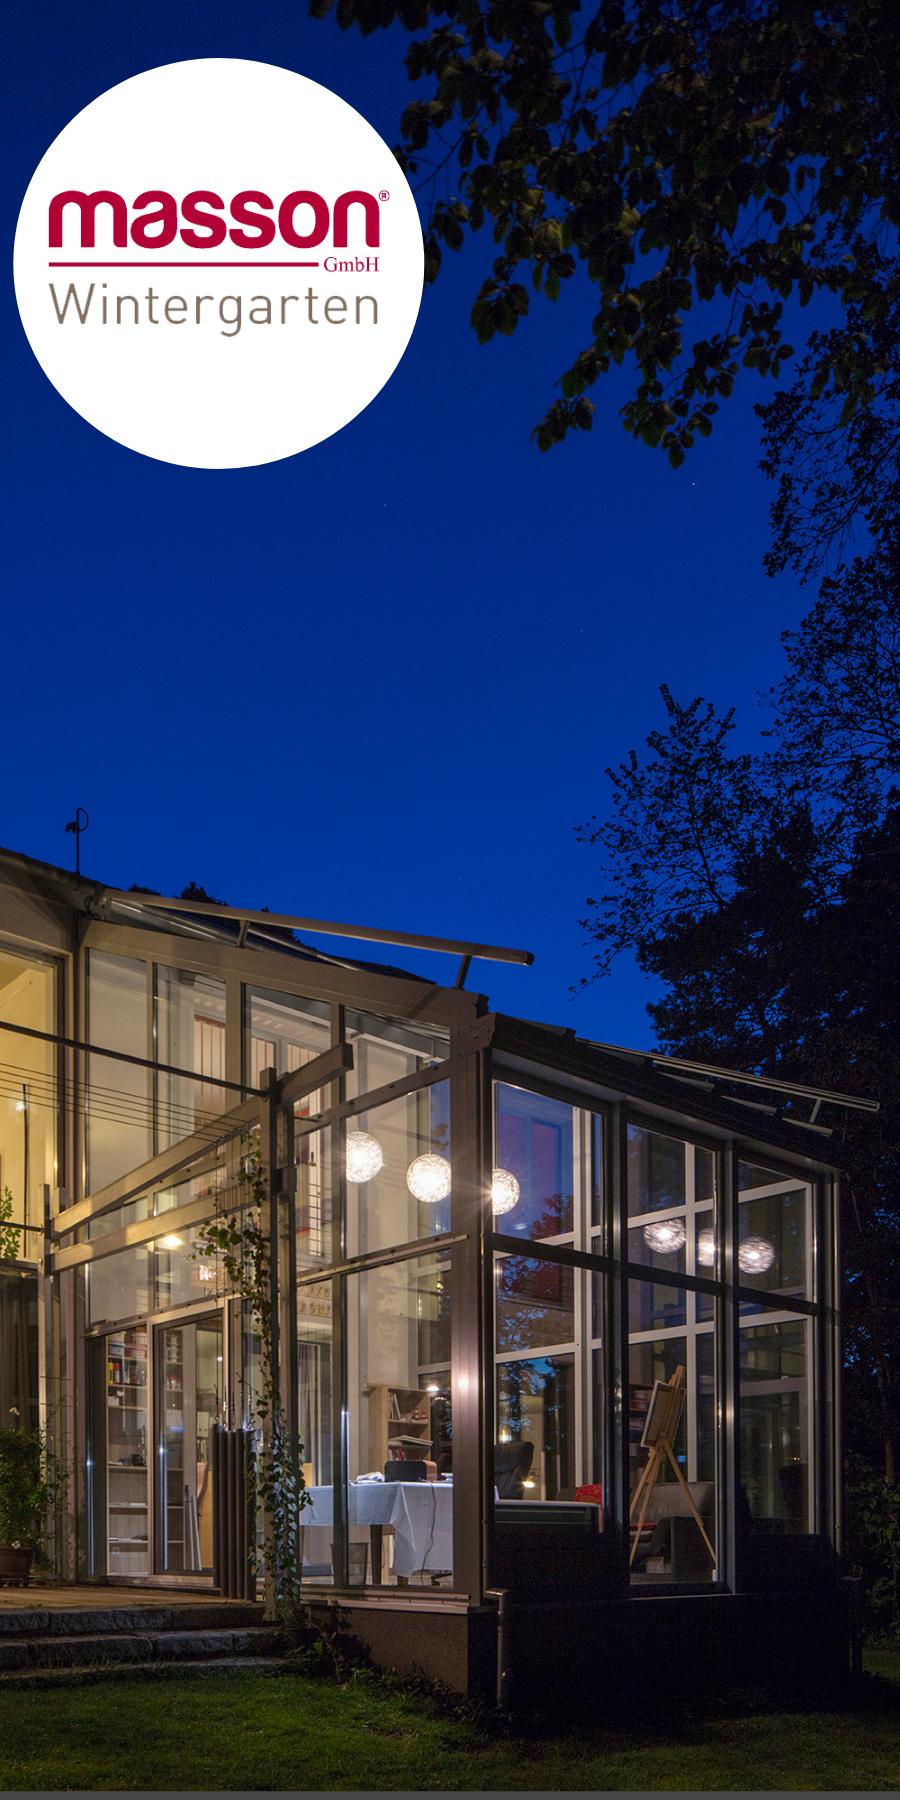 Erfullen Sie Sich Ihren Traum Vom Wintergarten Mit Masson Wintergarten House Styles Mansions Structures